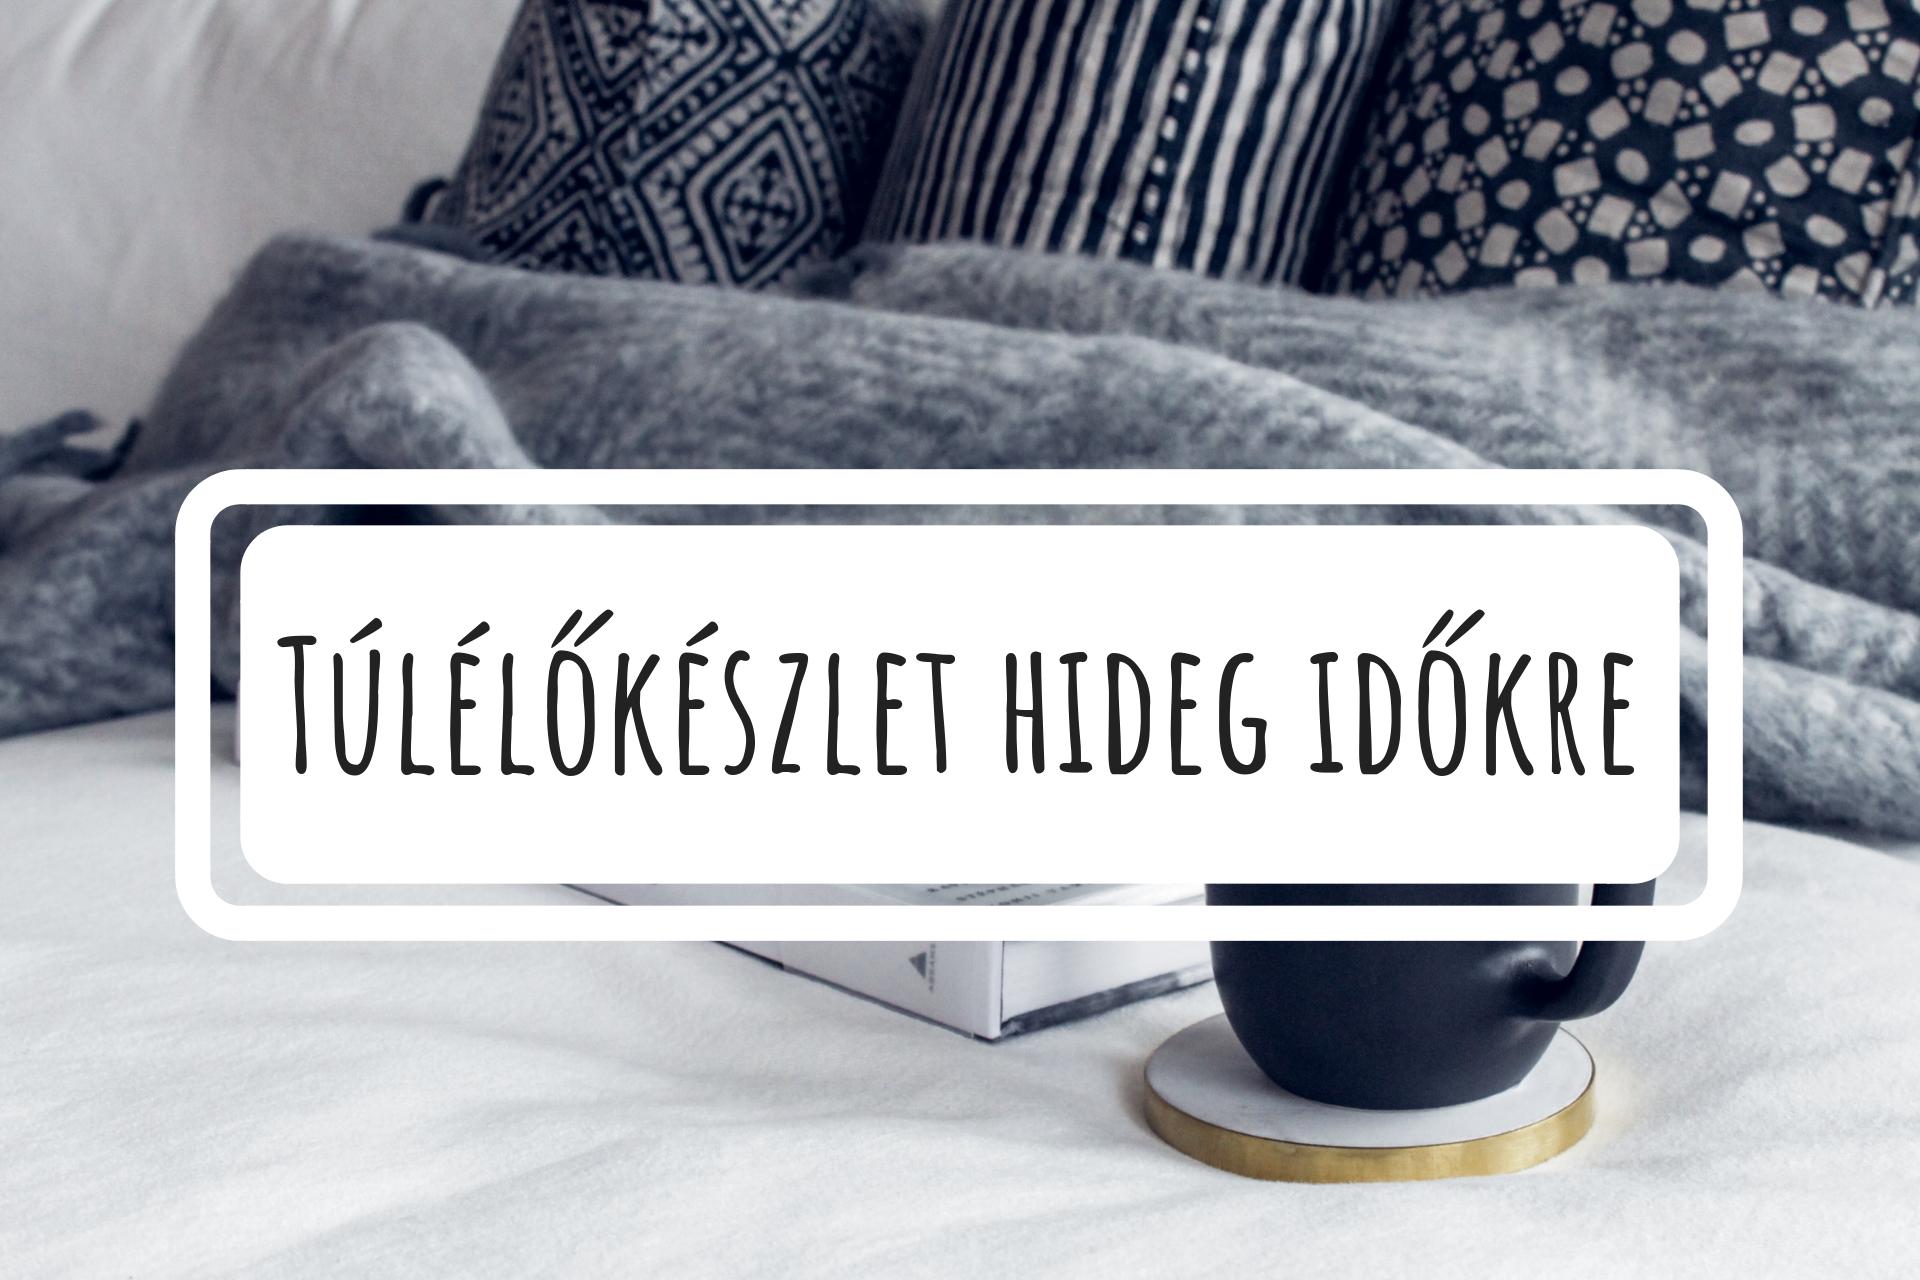 tulelokeszlet_hideg_idokre.png